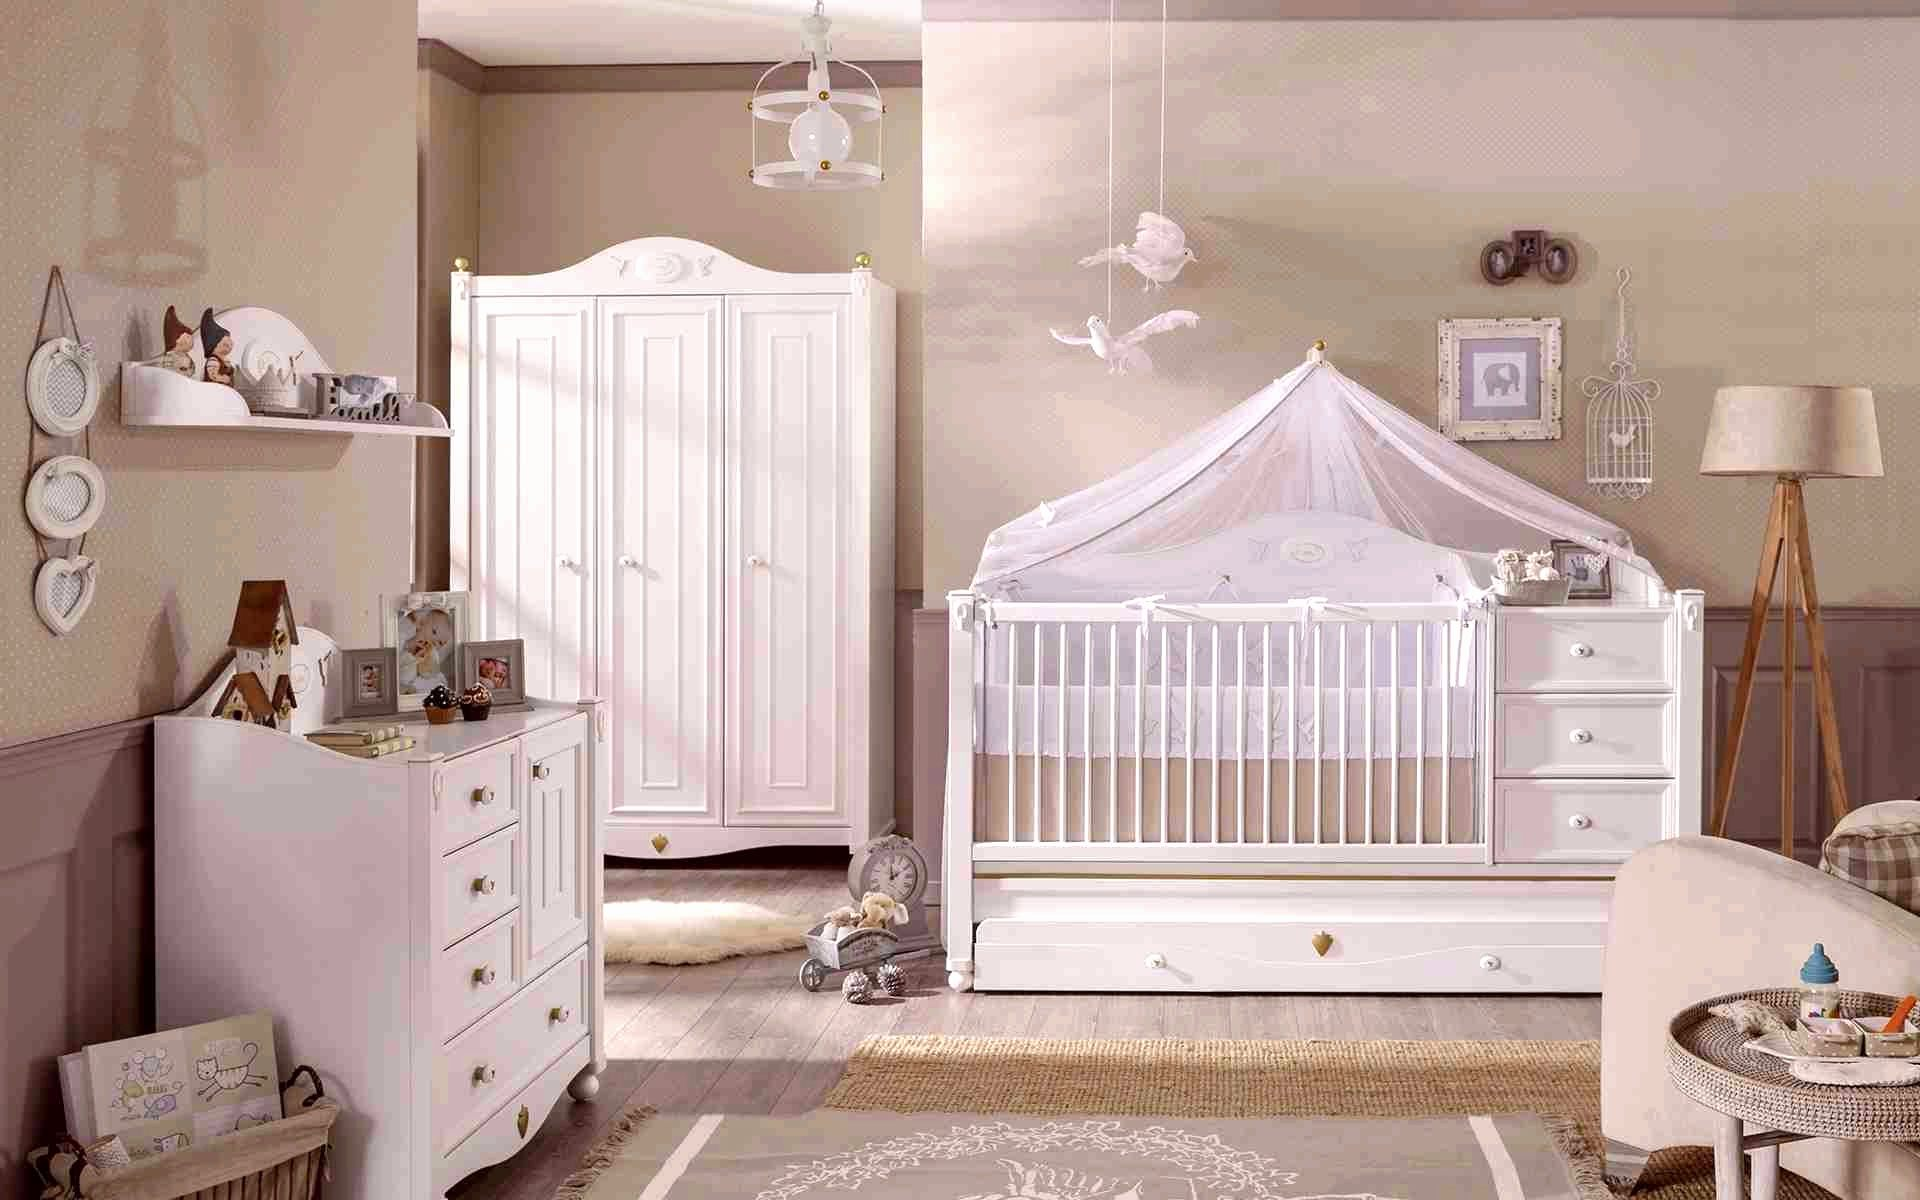 Lit Superposé Pour Fille Charmant Lit Superposé Pour Bébé Beau Cuisine Pour Bébé Lovely Lit Ikea Bebe